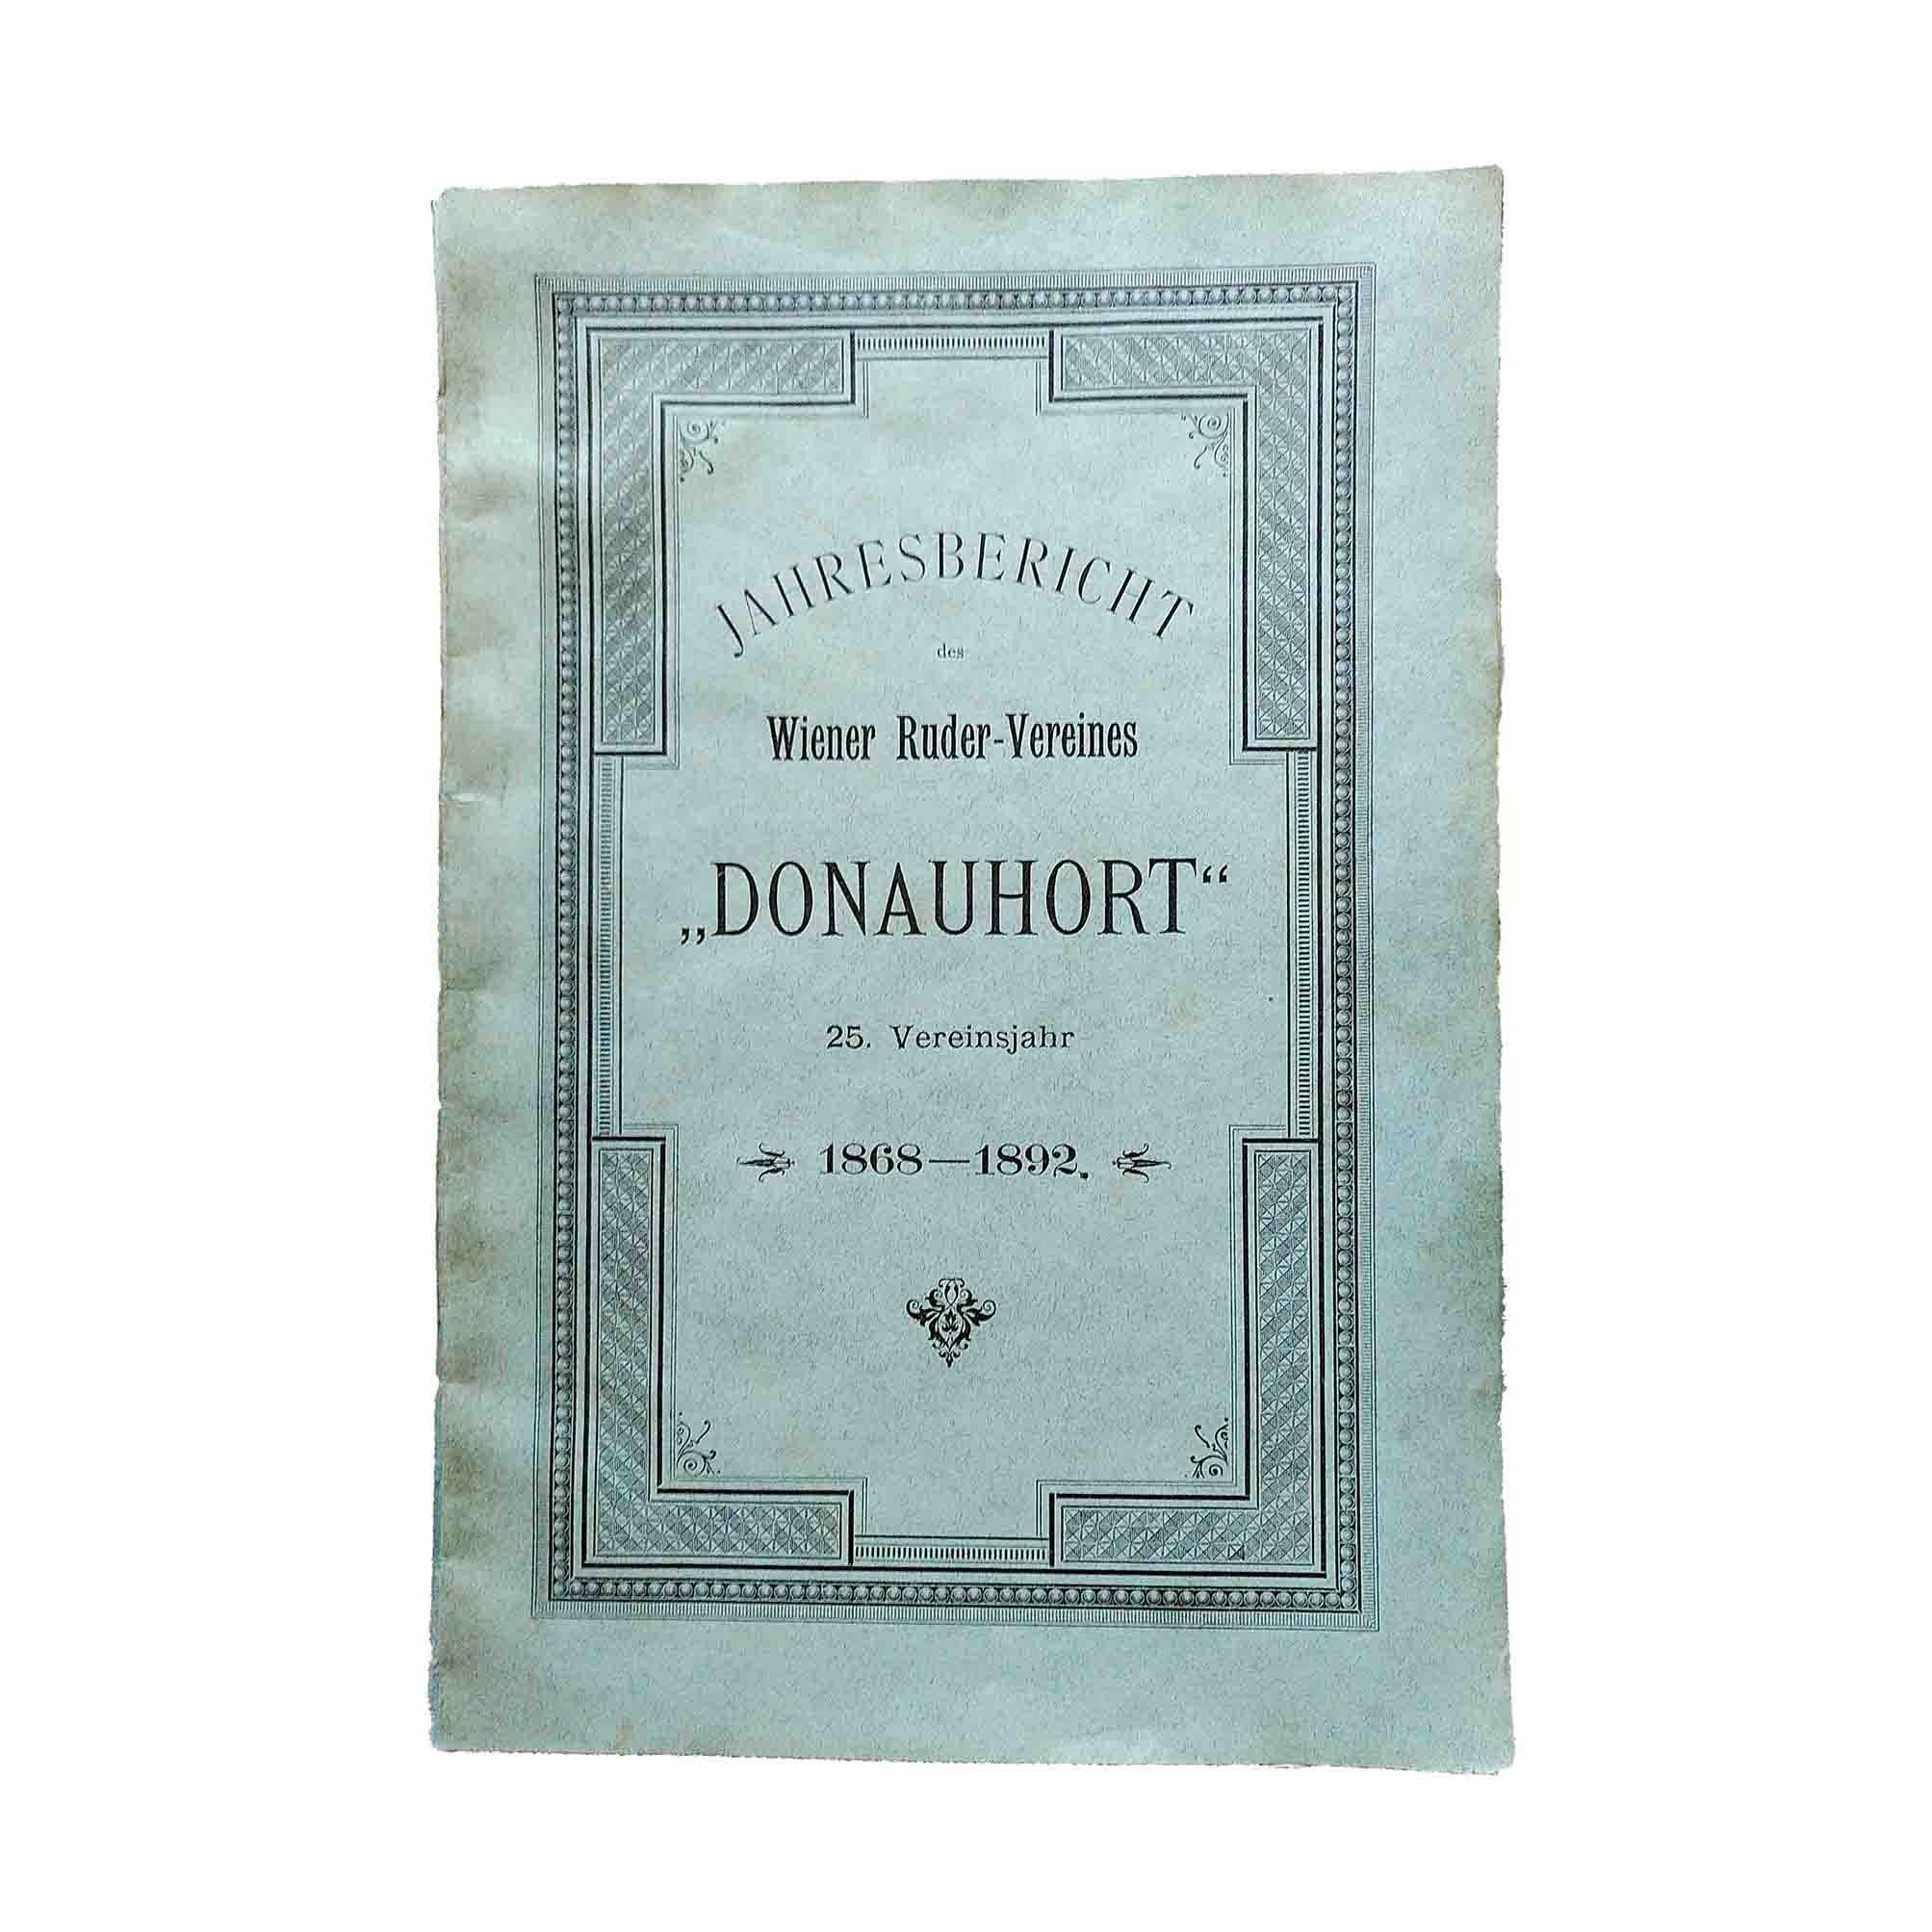 Donauhort-Ruder-Verein-Festschrift-1868-1892-Umschlag-recto-frei-N.jpg